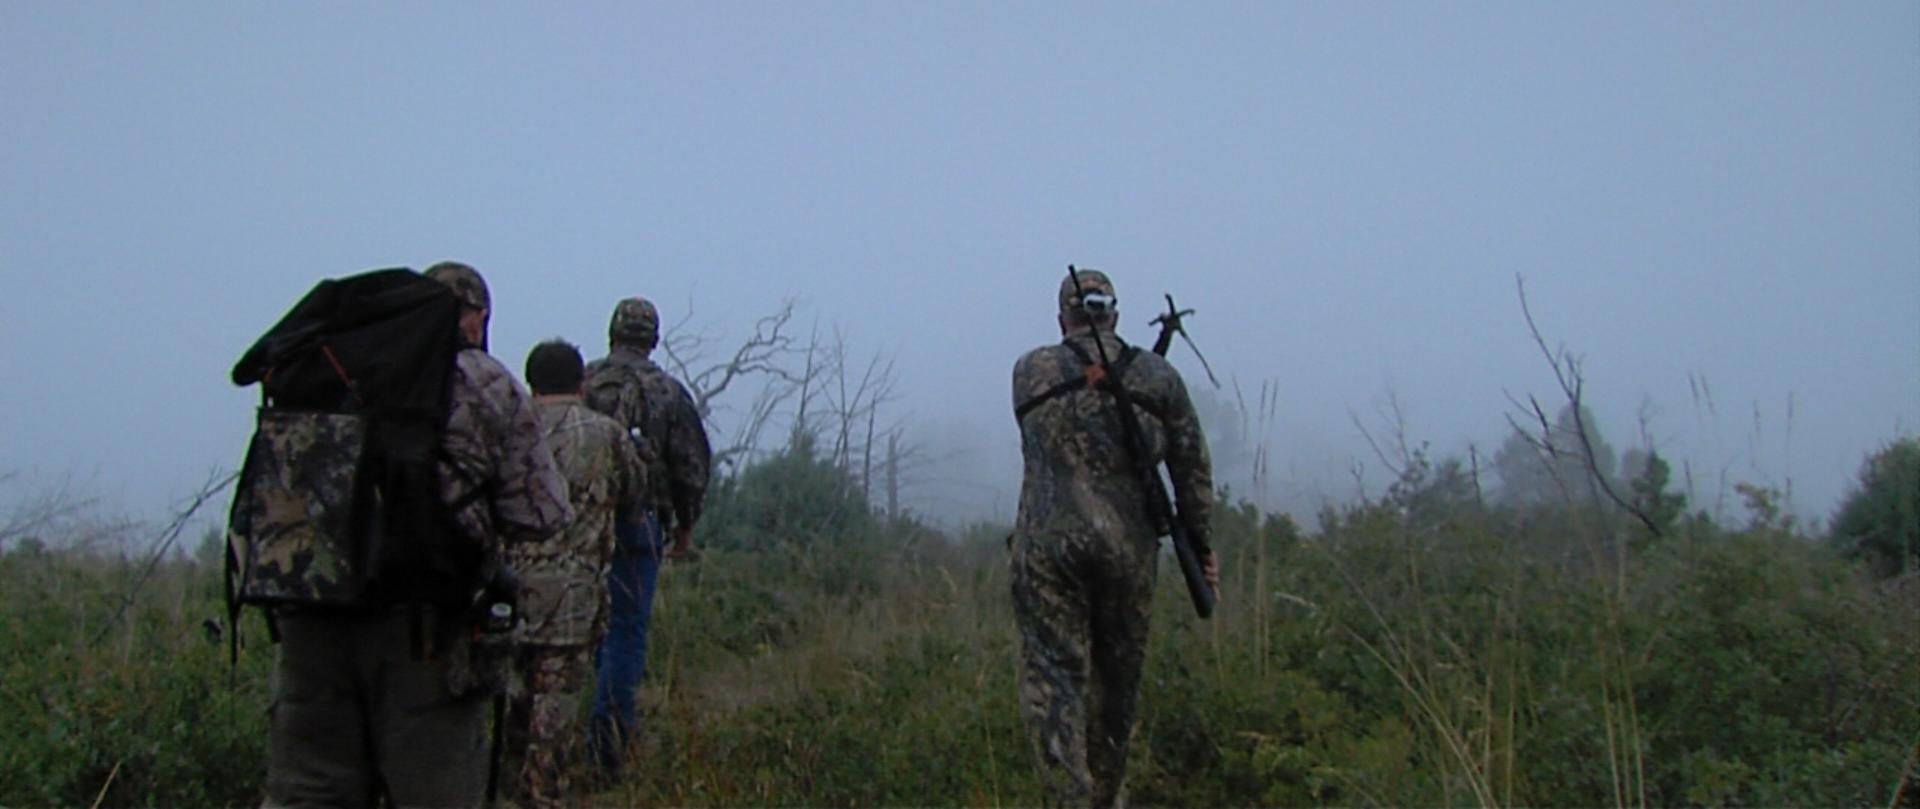 Stalking elk on a misty morning in Mescalero, NM